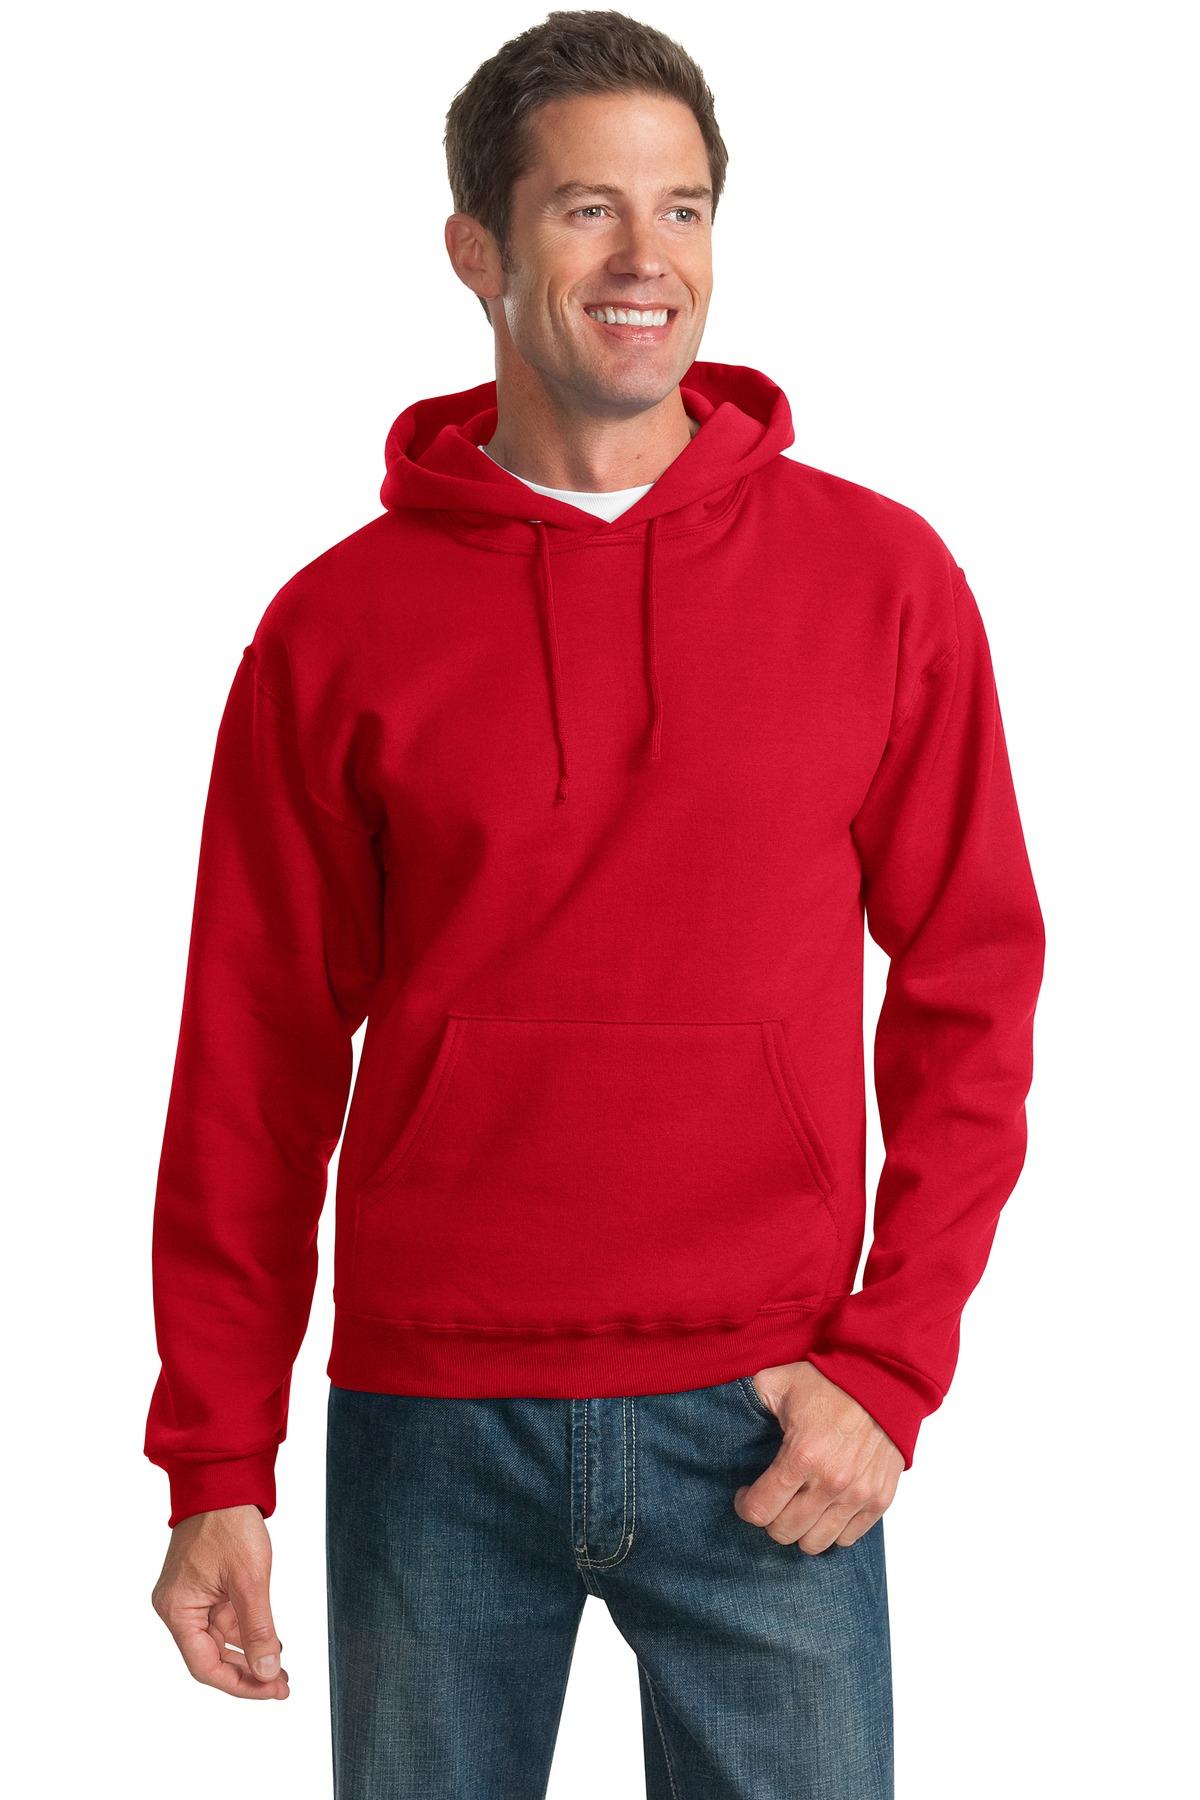 Jerzees® - NuBlend® Pullover Hooded Sweatshirt.-